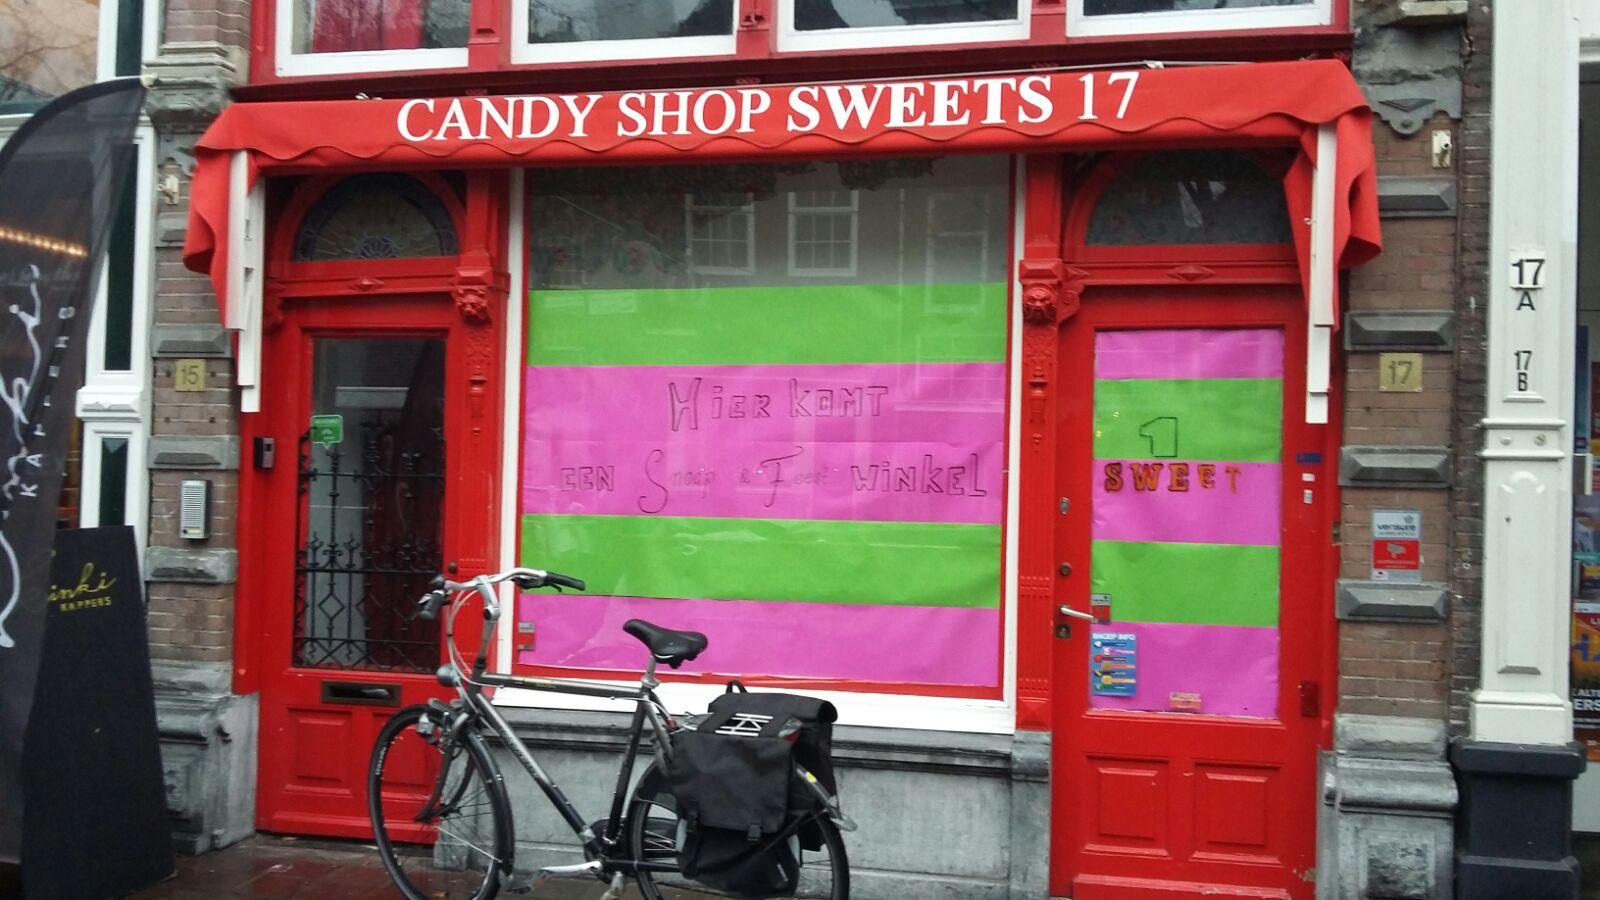 candyshop sweets 17